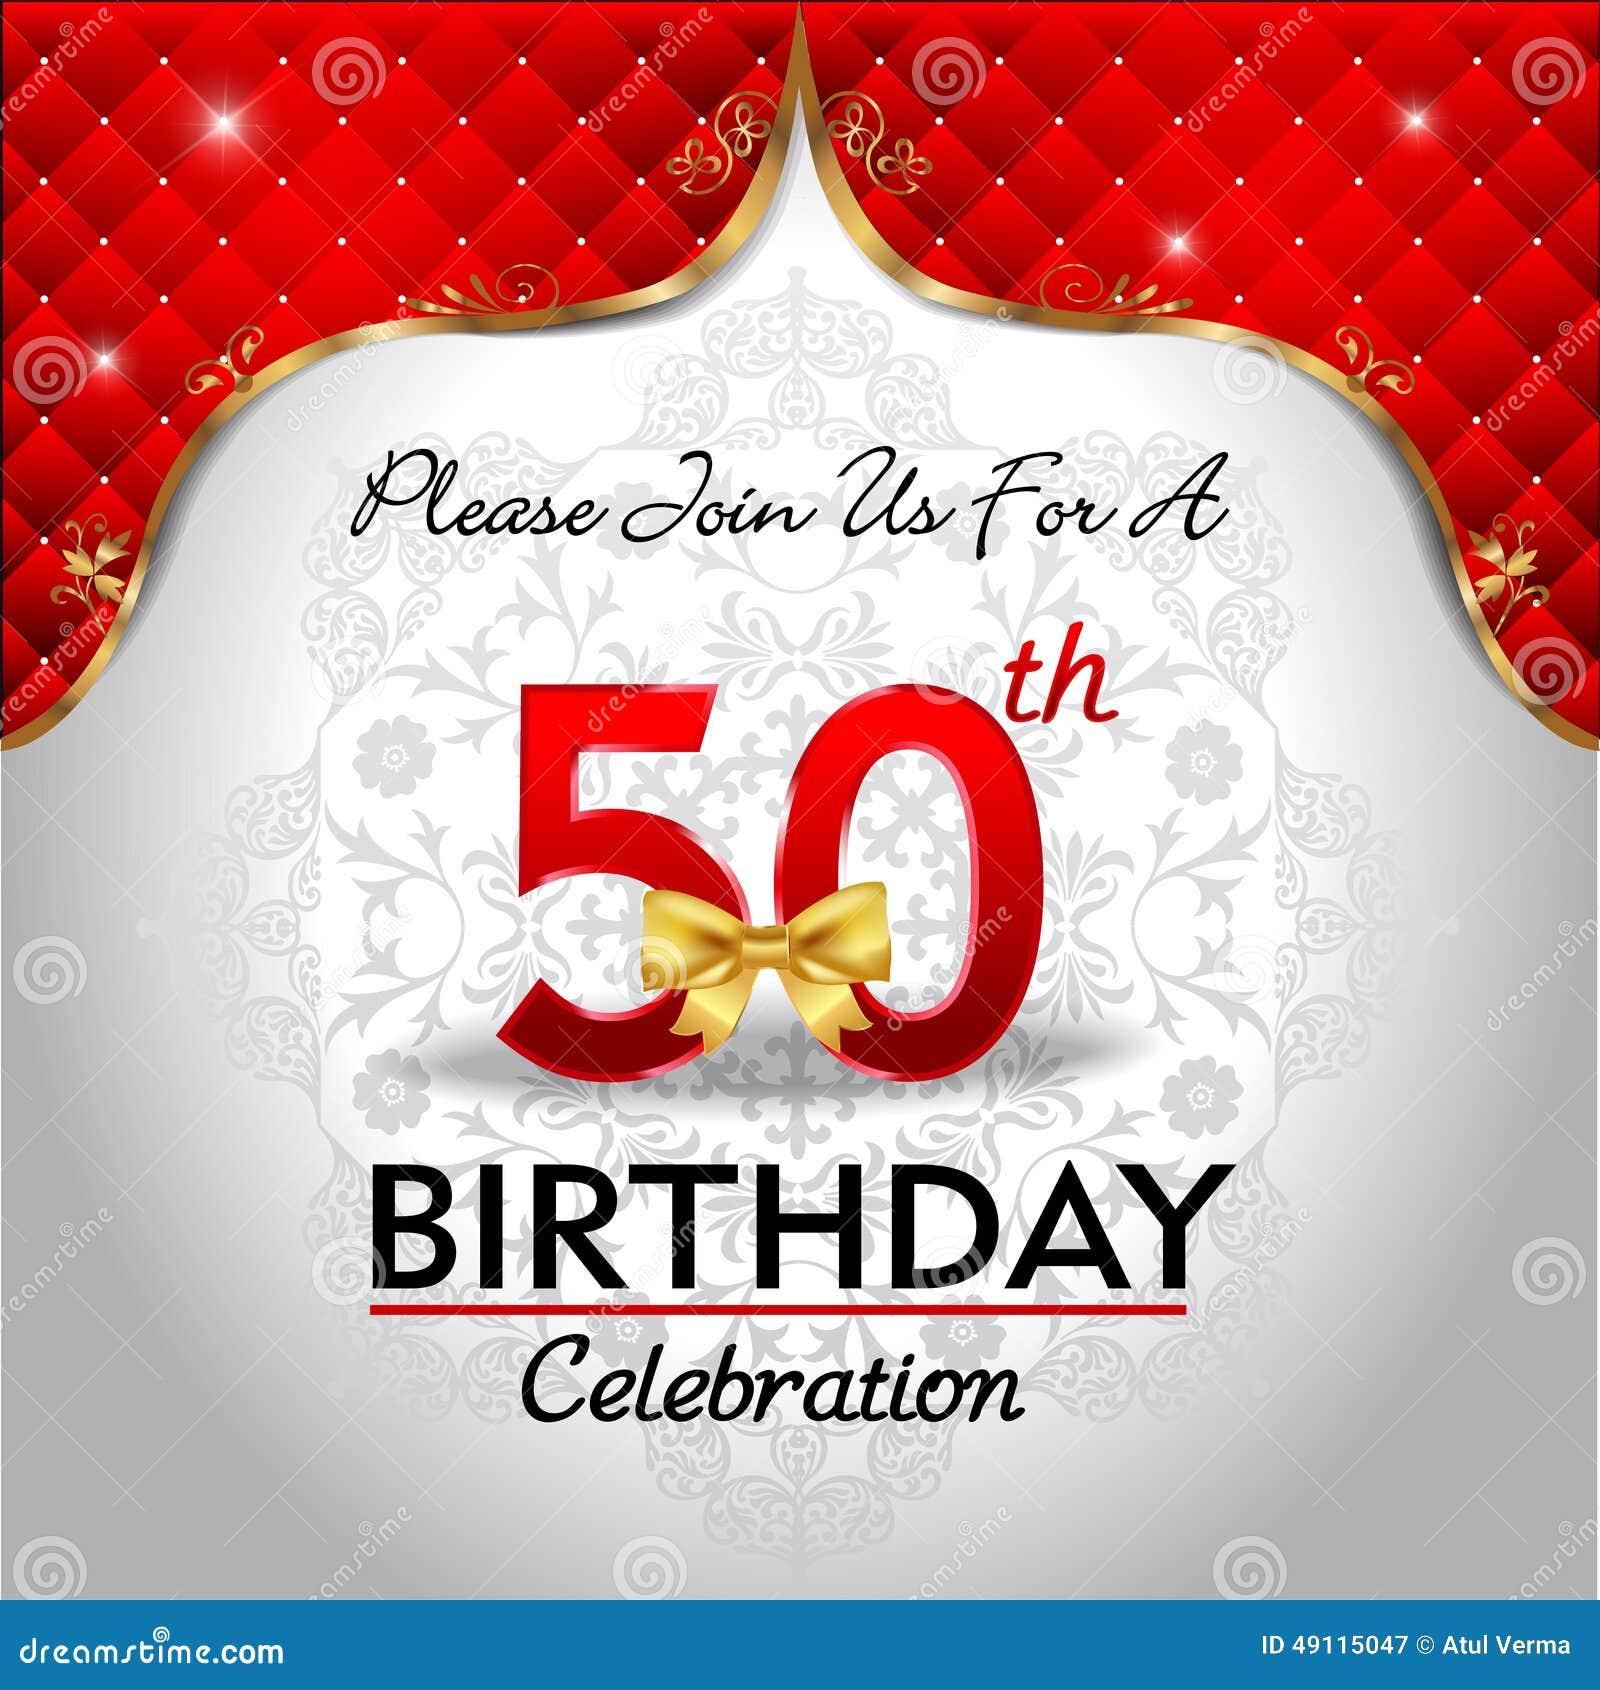 födelsedagskort 50 år gratis Fira 50 år Födelsedag, Guld  Röd Kunglig Bakgrund Vektor  födelsedagskort 50 år gratis